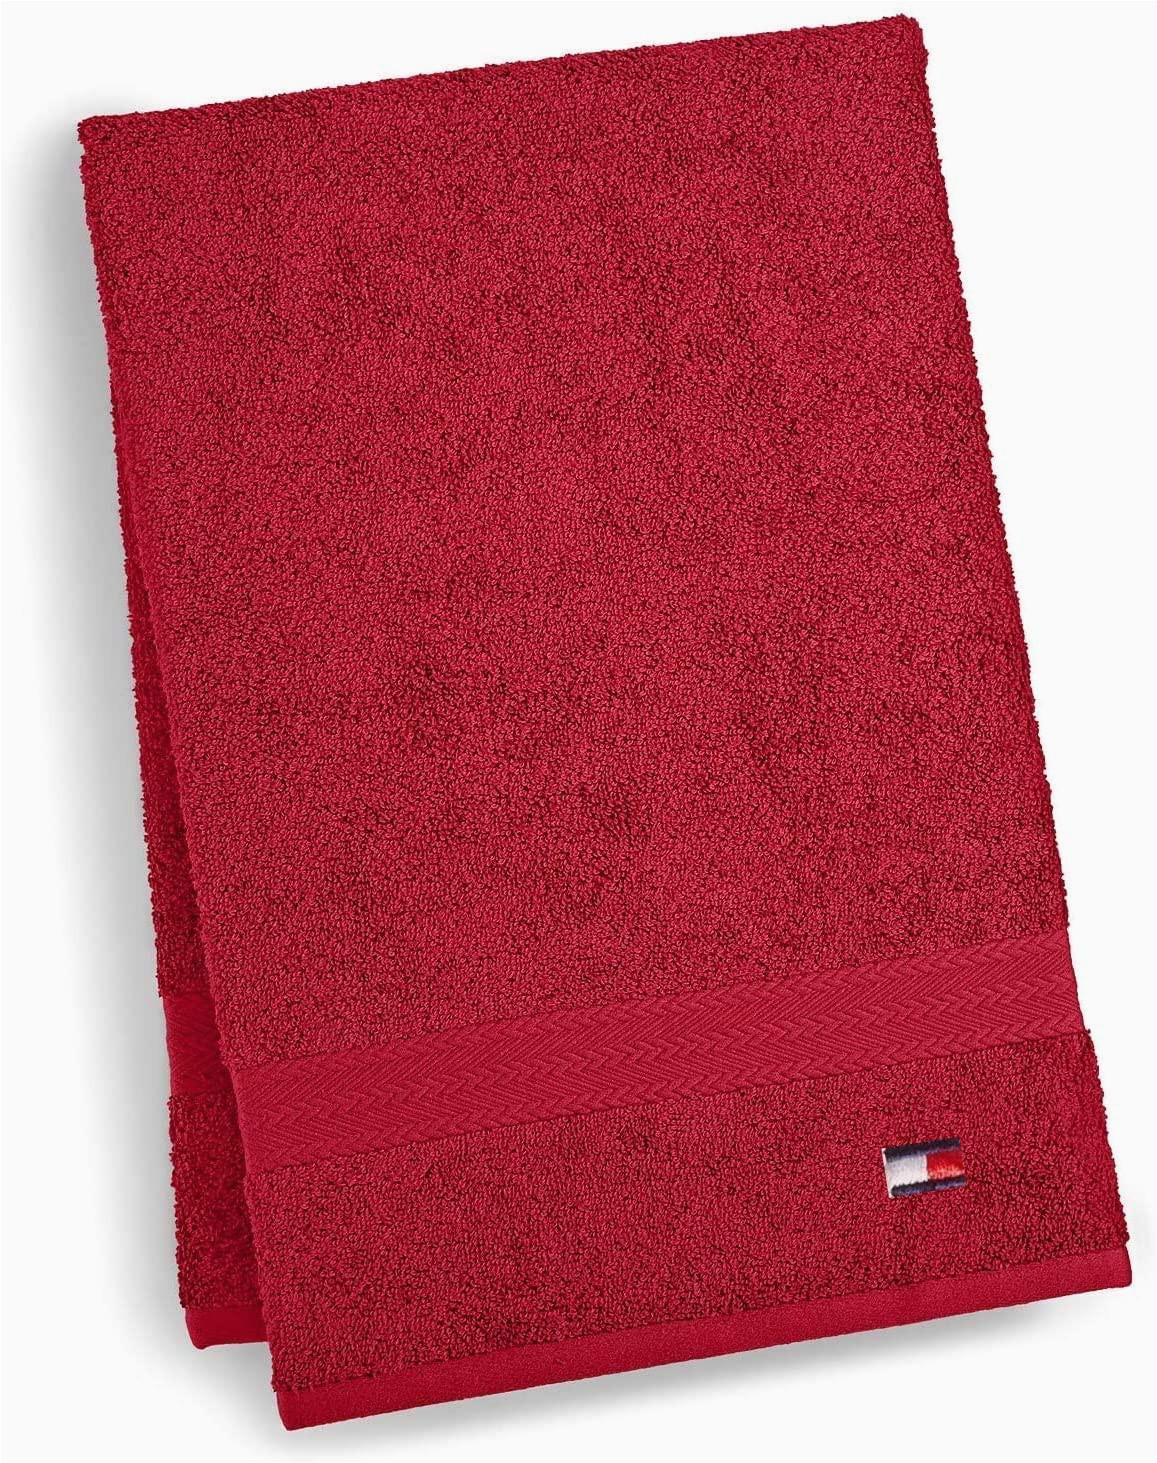 Tommy Hilfiger White Bath Rug tommy Hilfiger All American Ii Bath towel 27 X 52 Inch Red